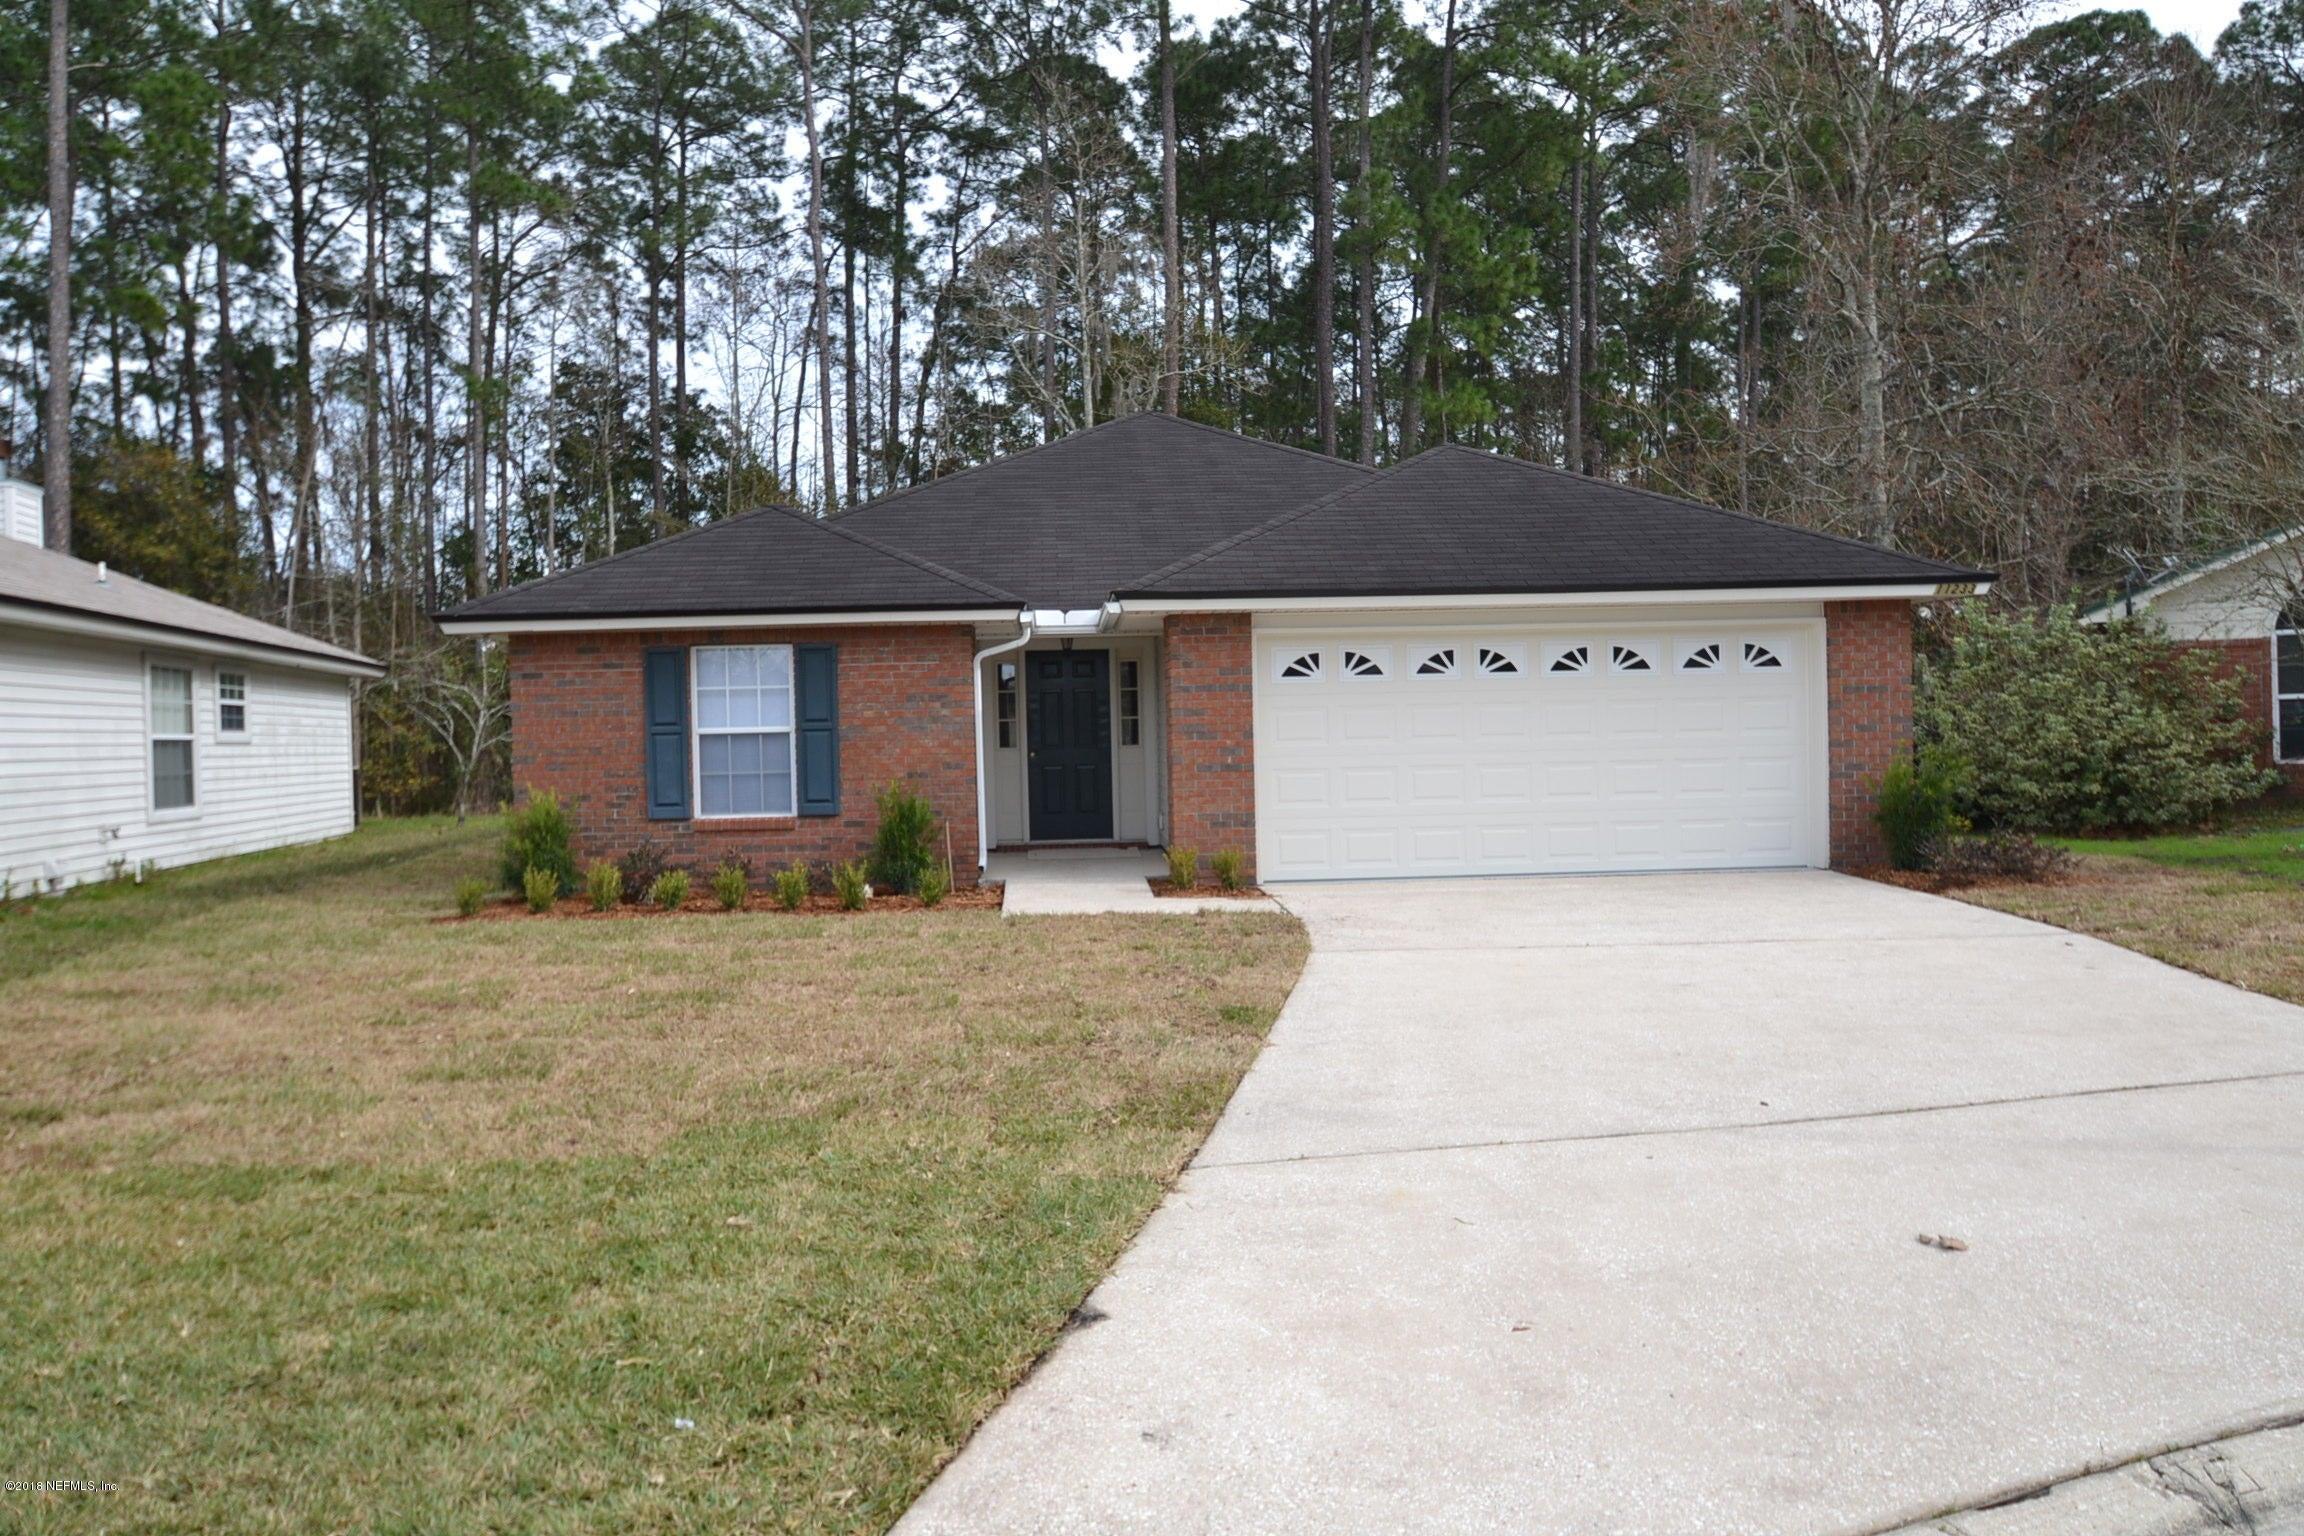 11233 BENTLEY TRACE,JACKSONVILLE,FLORIDA 32257,4 Bedrooms Bedrooms,2 BathroomsBathrooms,Commercial,BENTLEY TRACE,922061